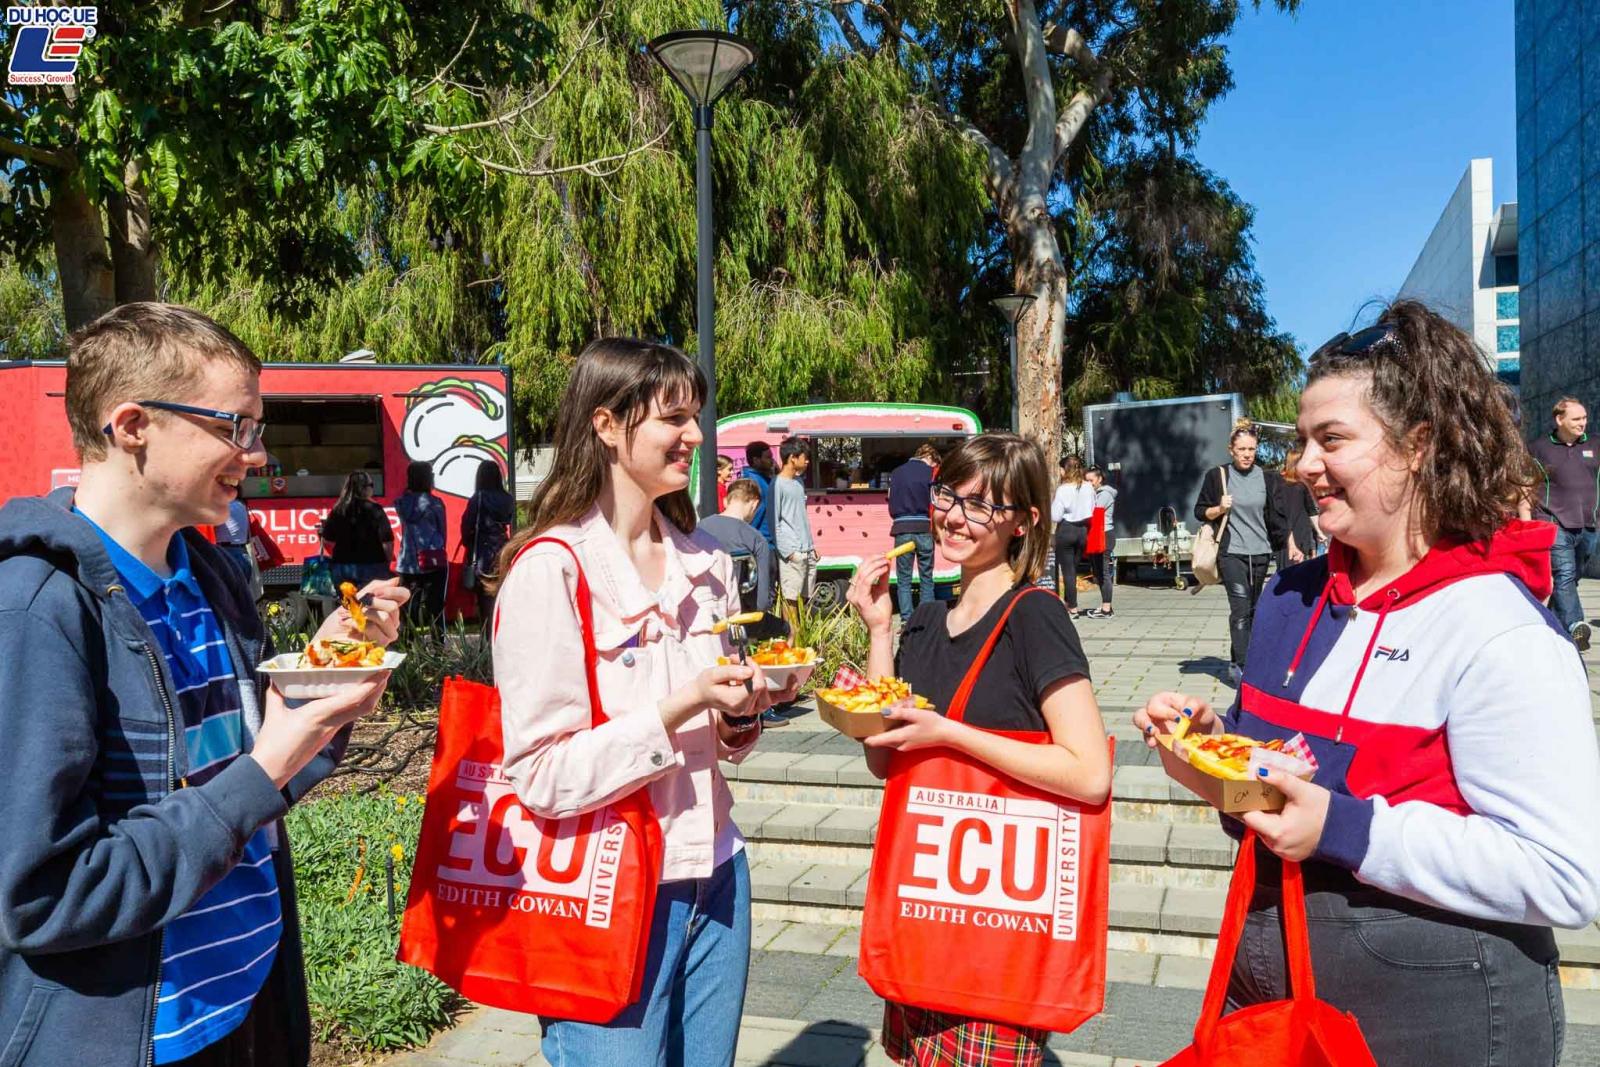 Sẵn sàng chinh phục thế giới với học bổng 20% tại Edith Cowan University